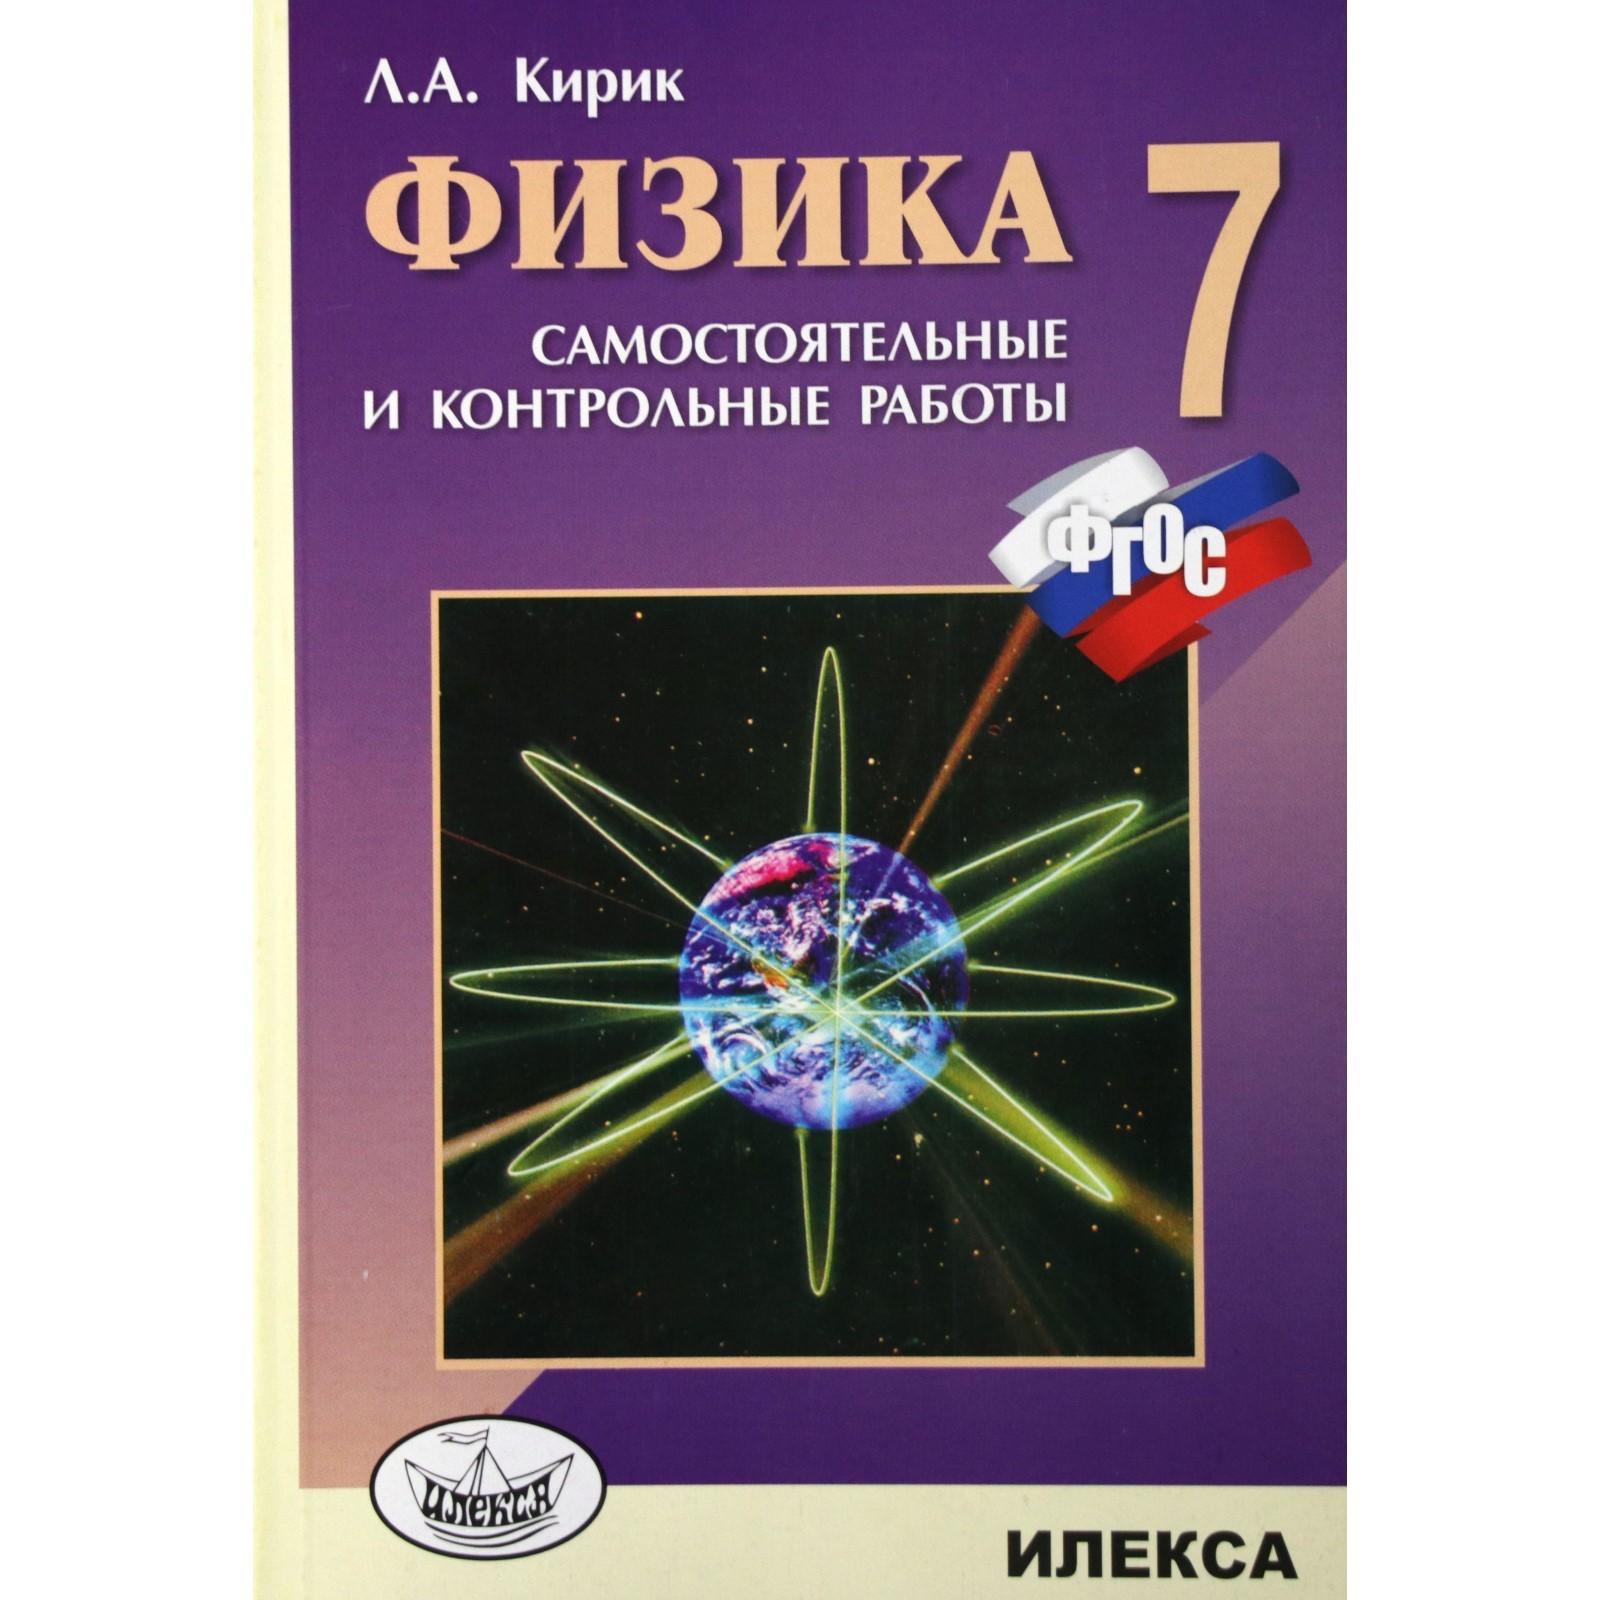 Физика контрольные и самостоятельные работы кирик 7706